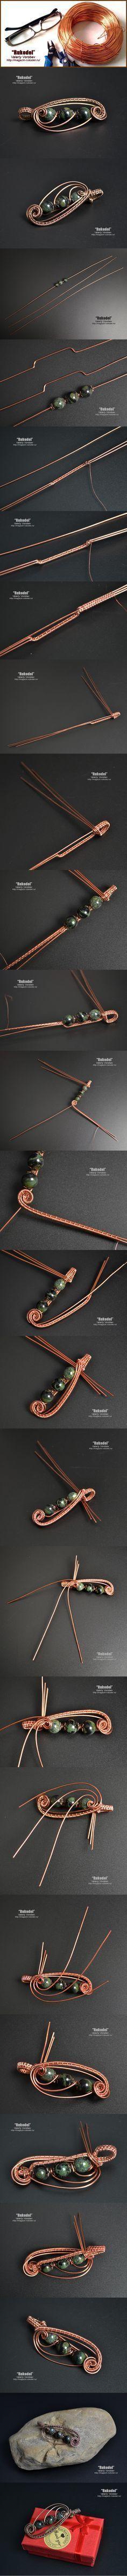 DIY Bijoux  Украшения ручной работы | Рукодел